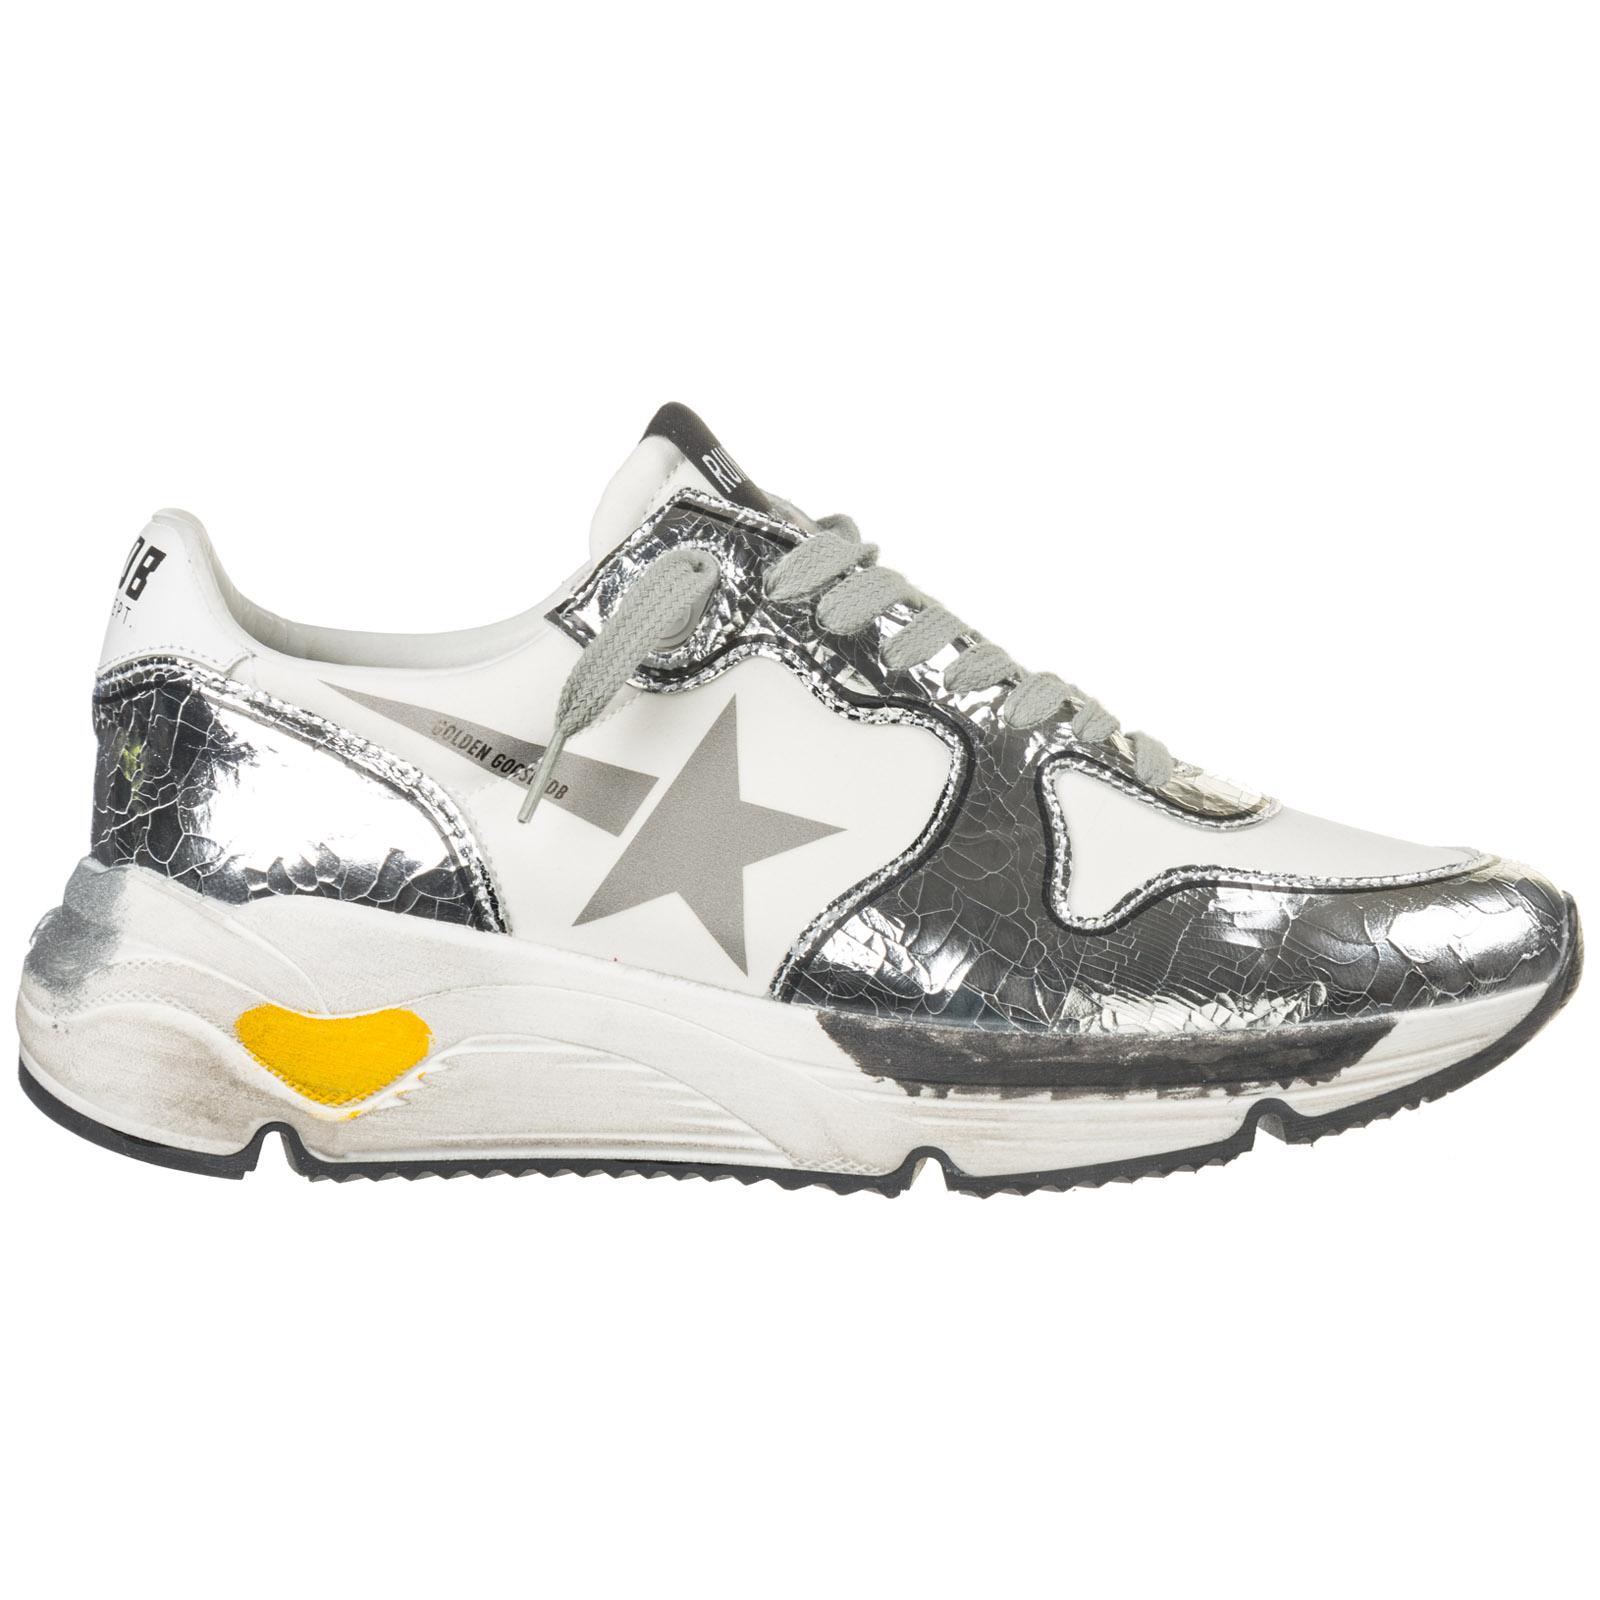 newest db391 29860 Damenschuhe turnschuhe damen leder schuhe sneakers running